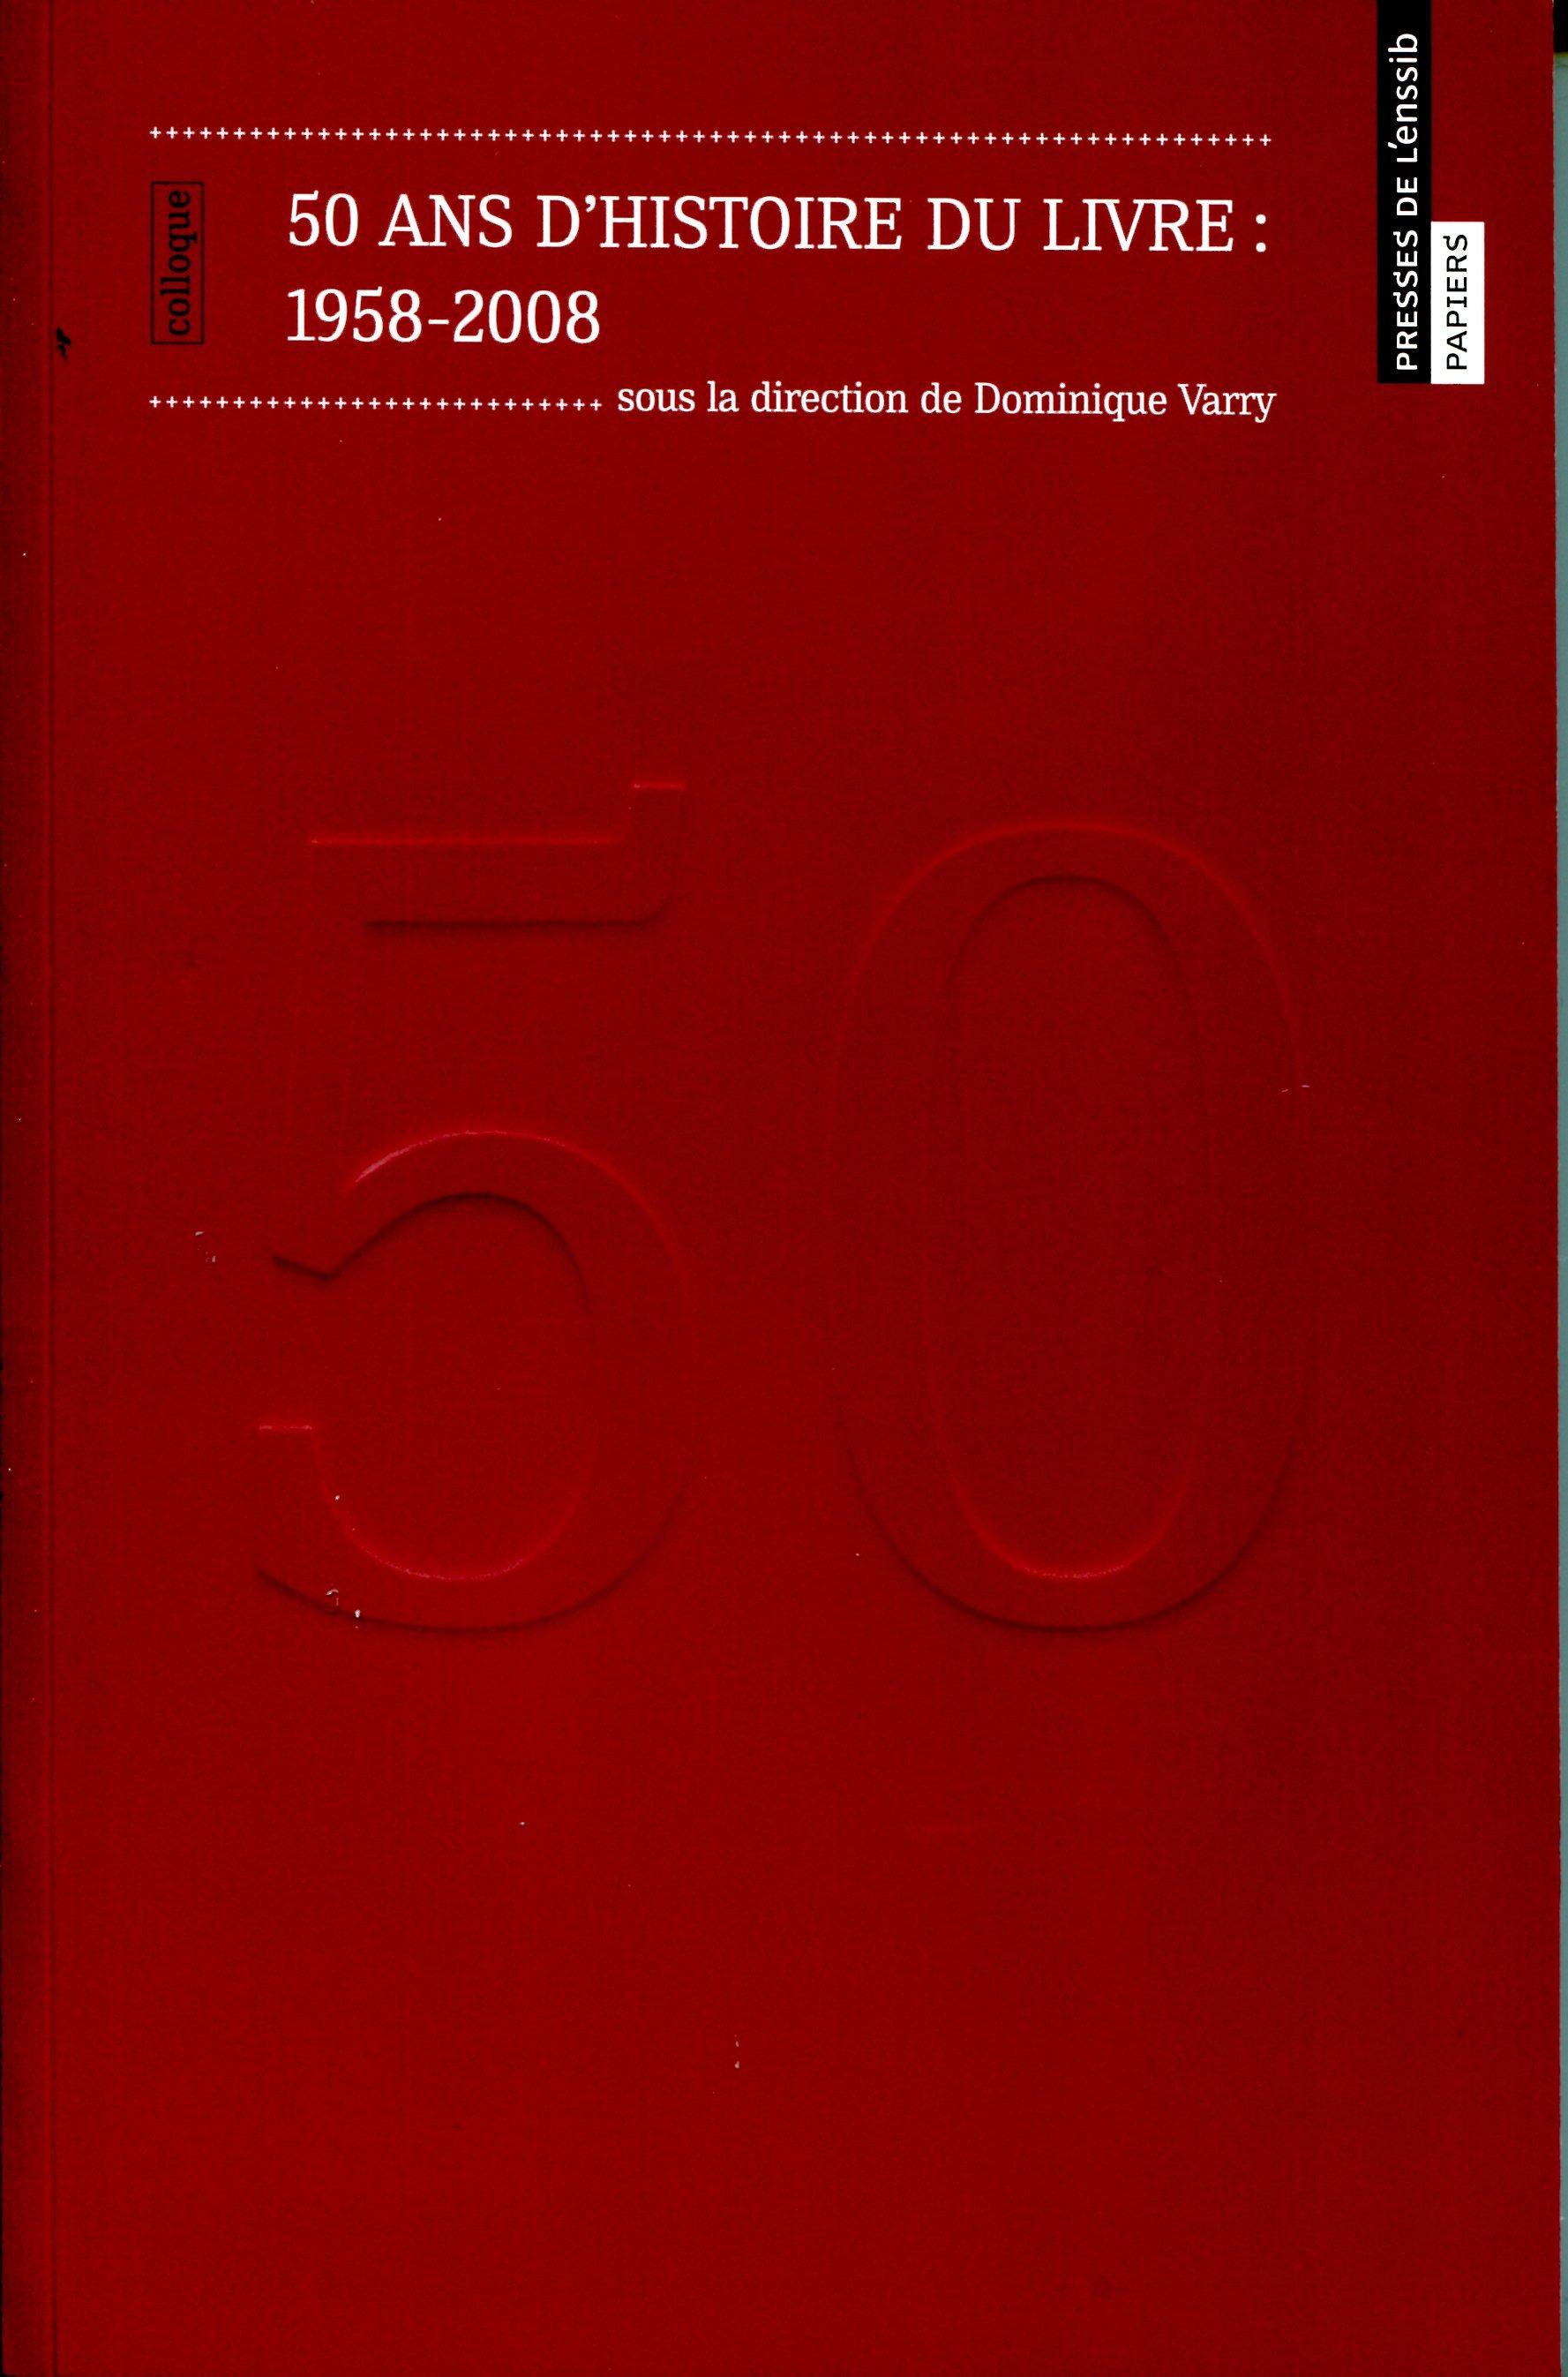 50 ans d'histoire du livre. 1958-2008